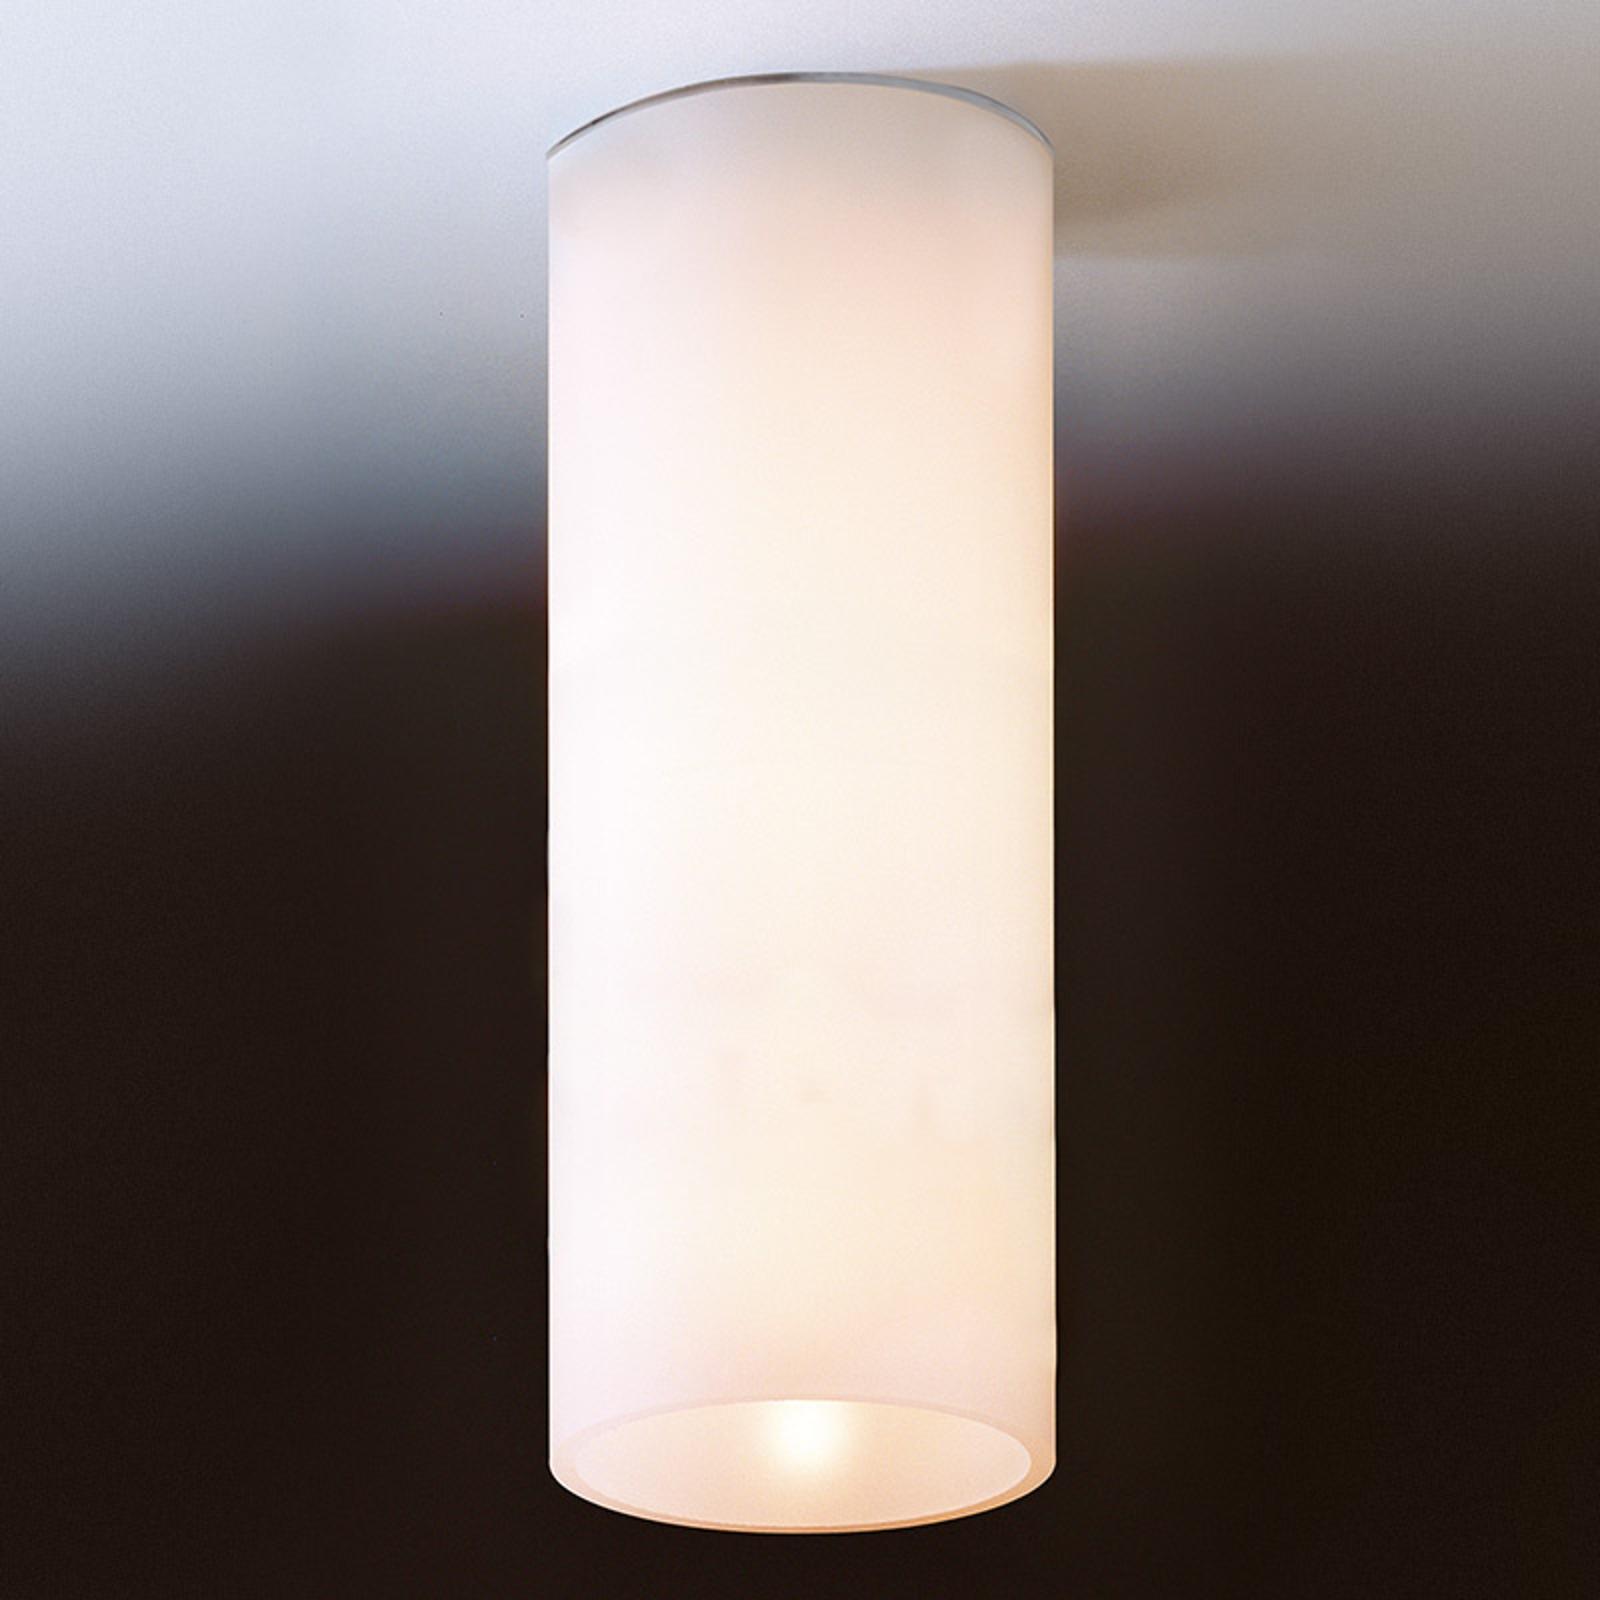 Hillitty DELA-kattovalaisin valkoista lasia